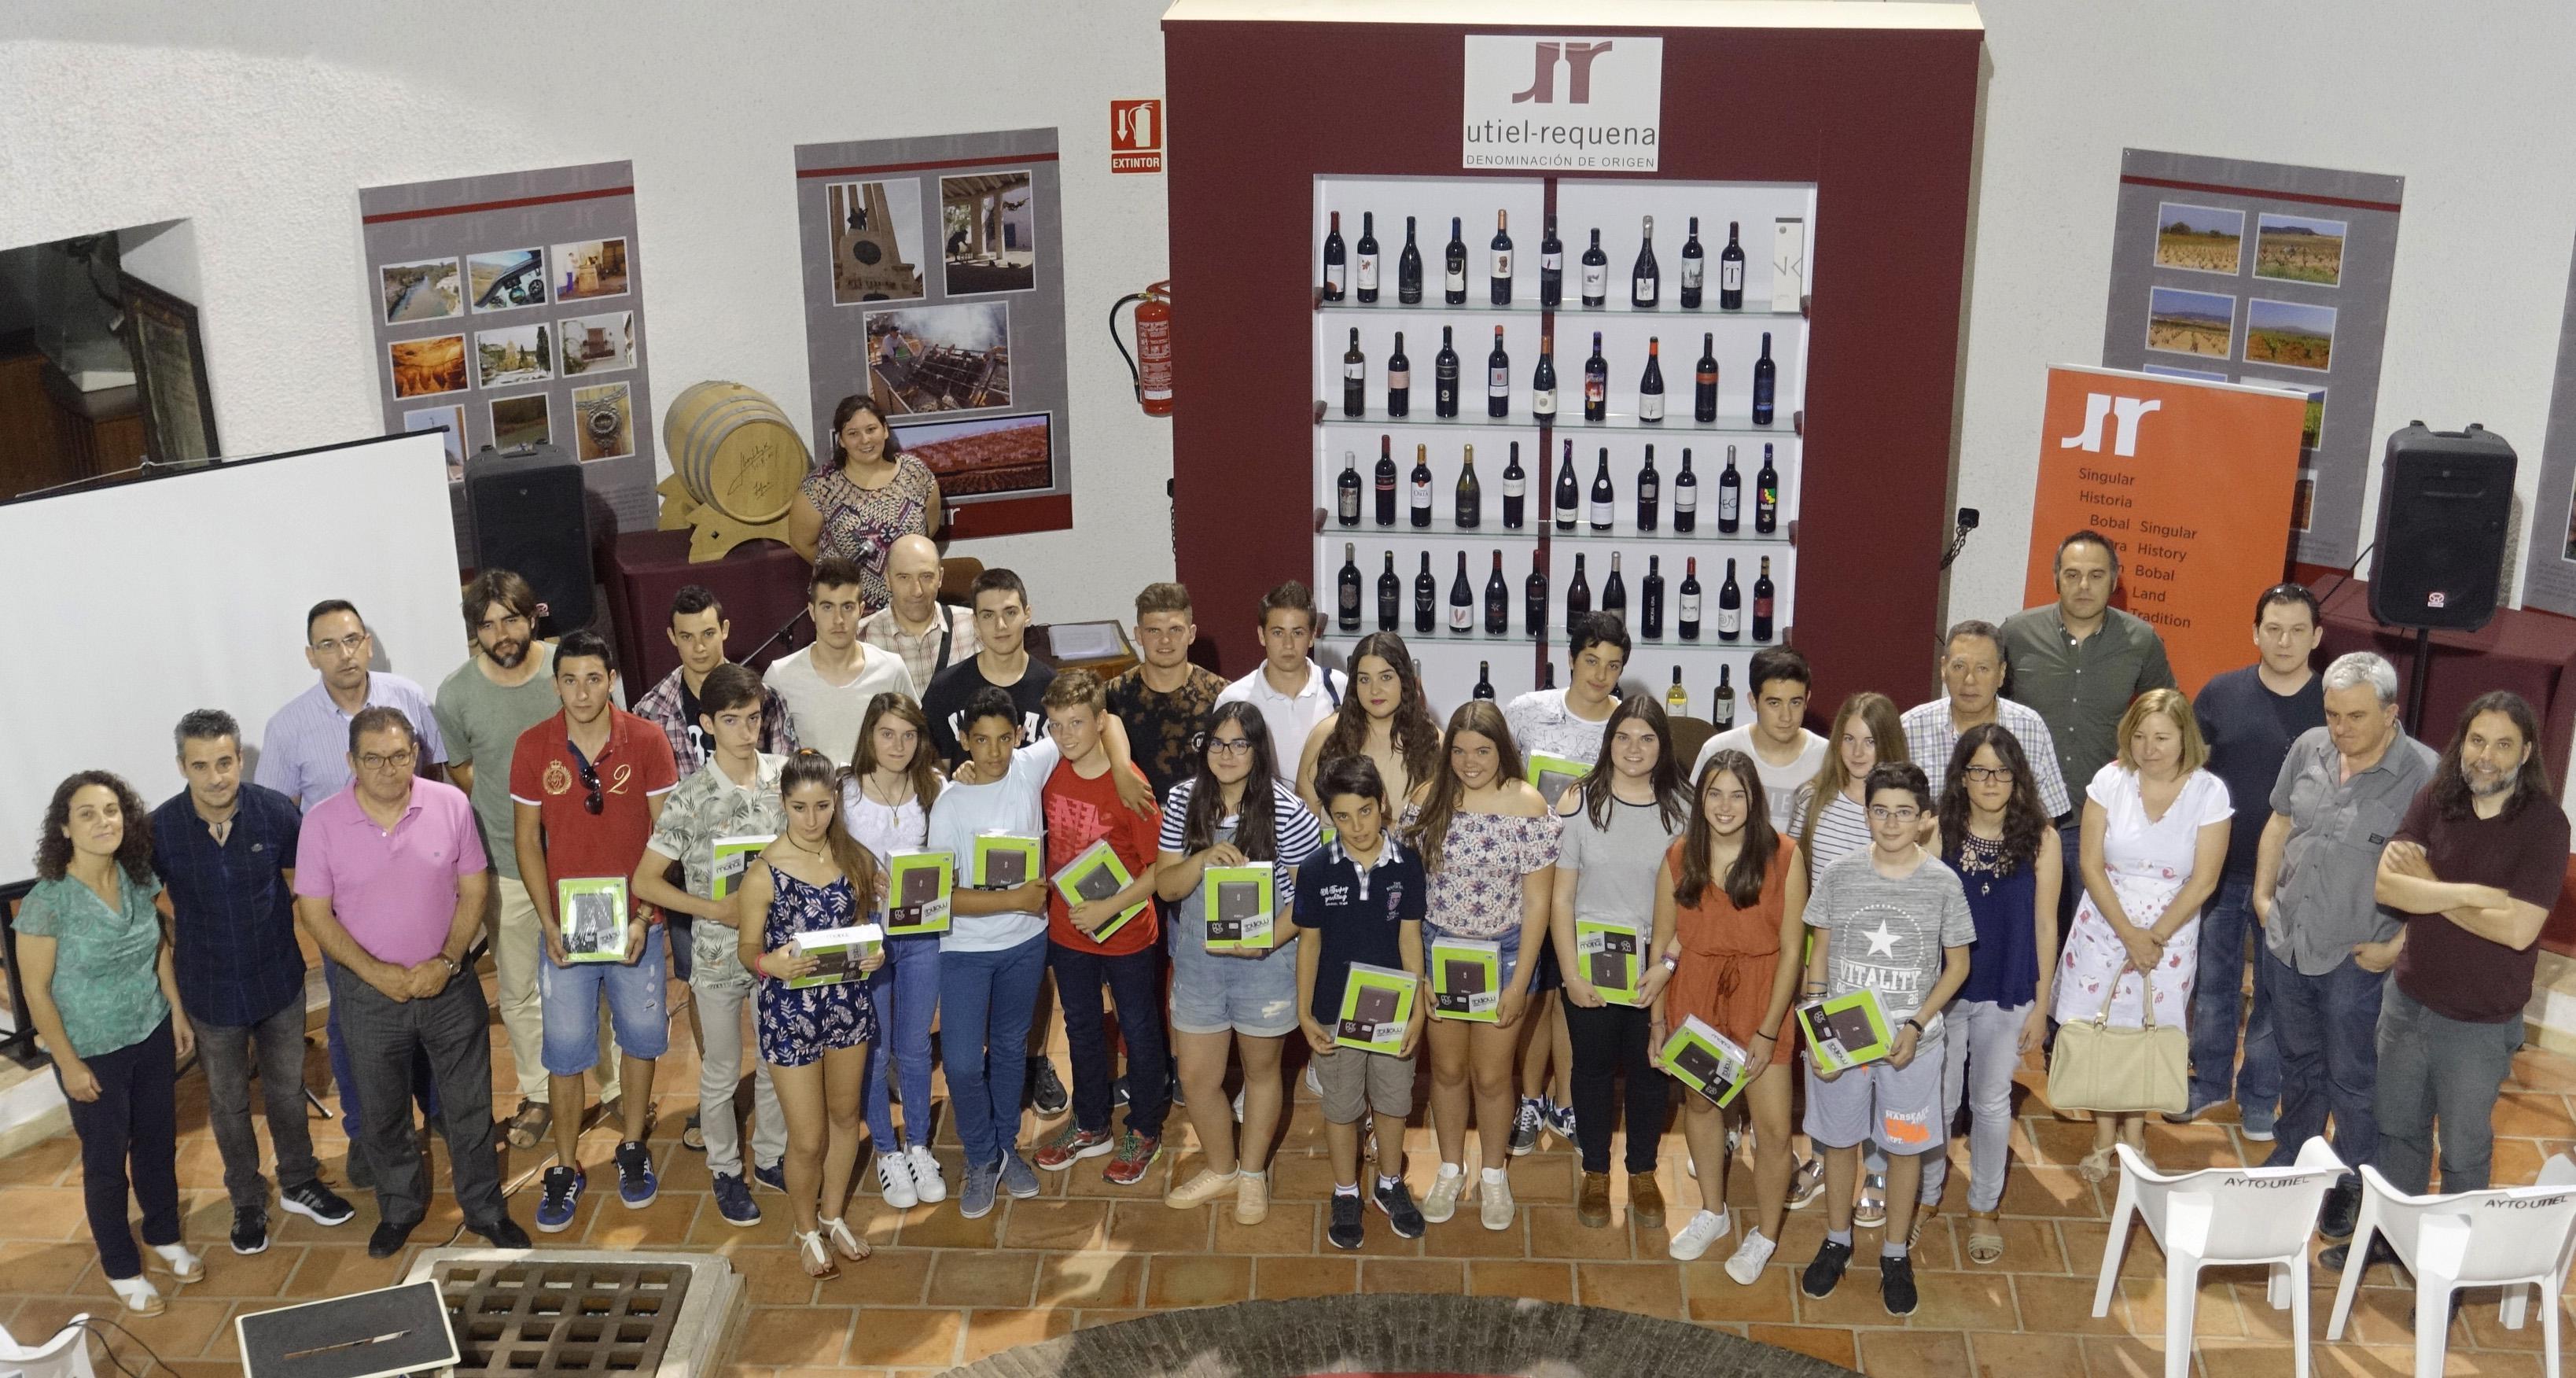 La DO Utiel-Requena inicia un proyecto de Integración de la Cultura Vitivinícola en los Centros de Secundaria